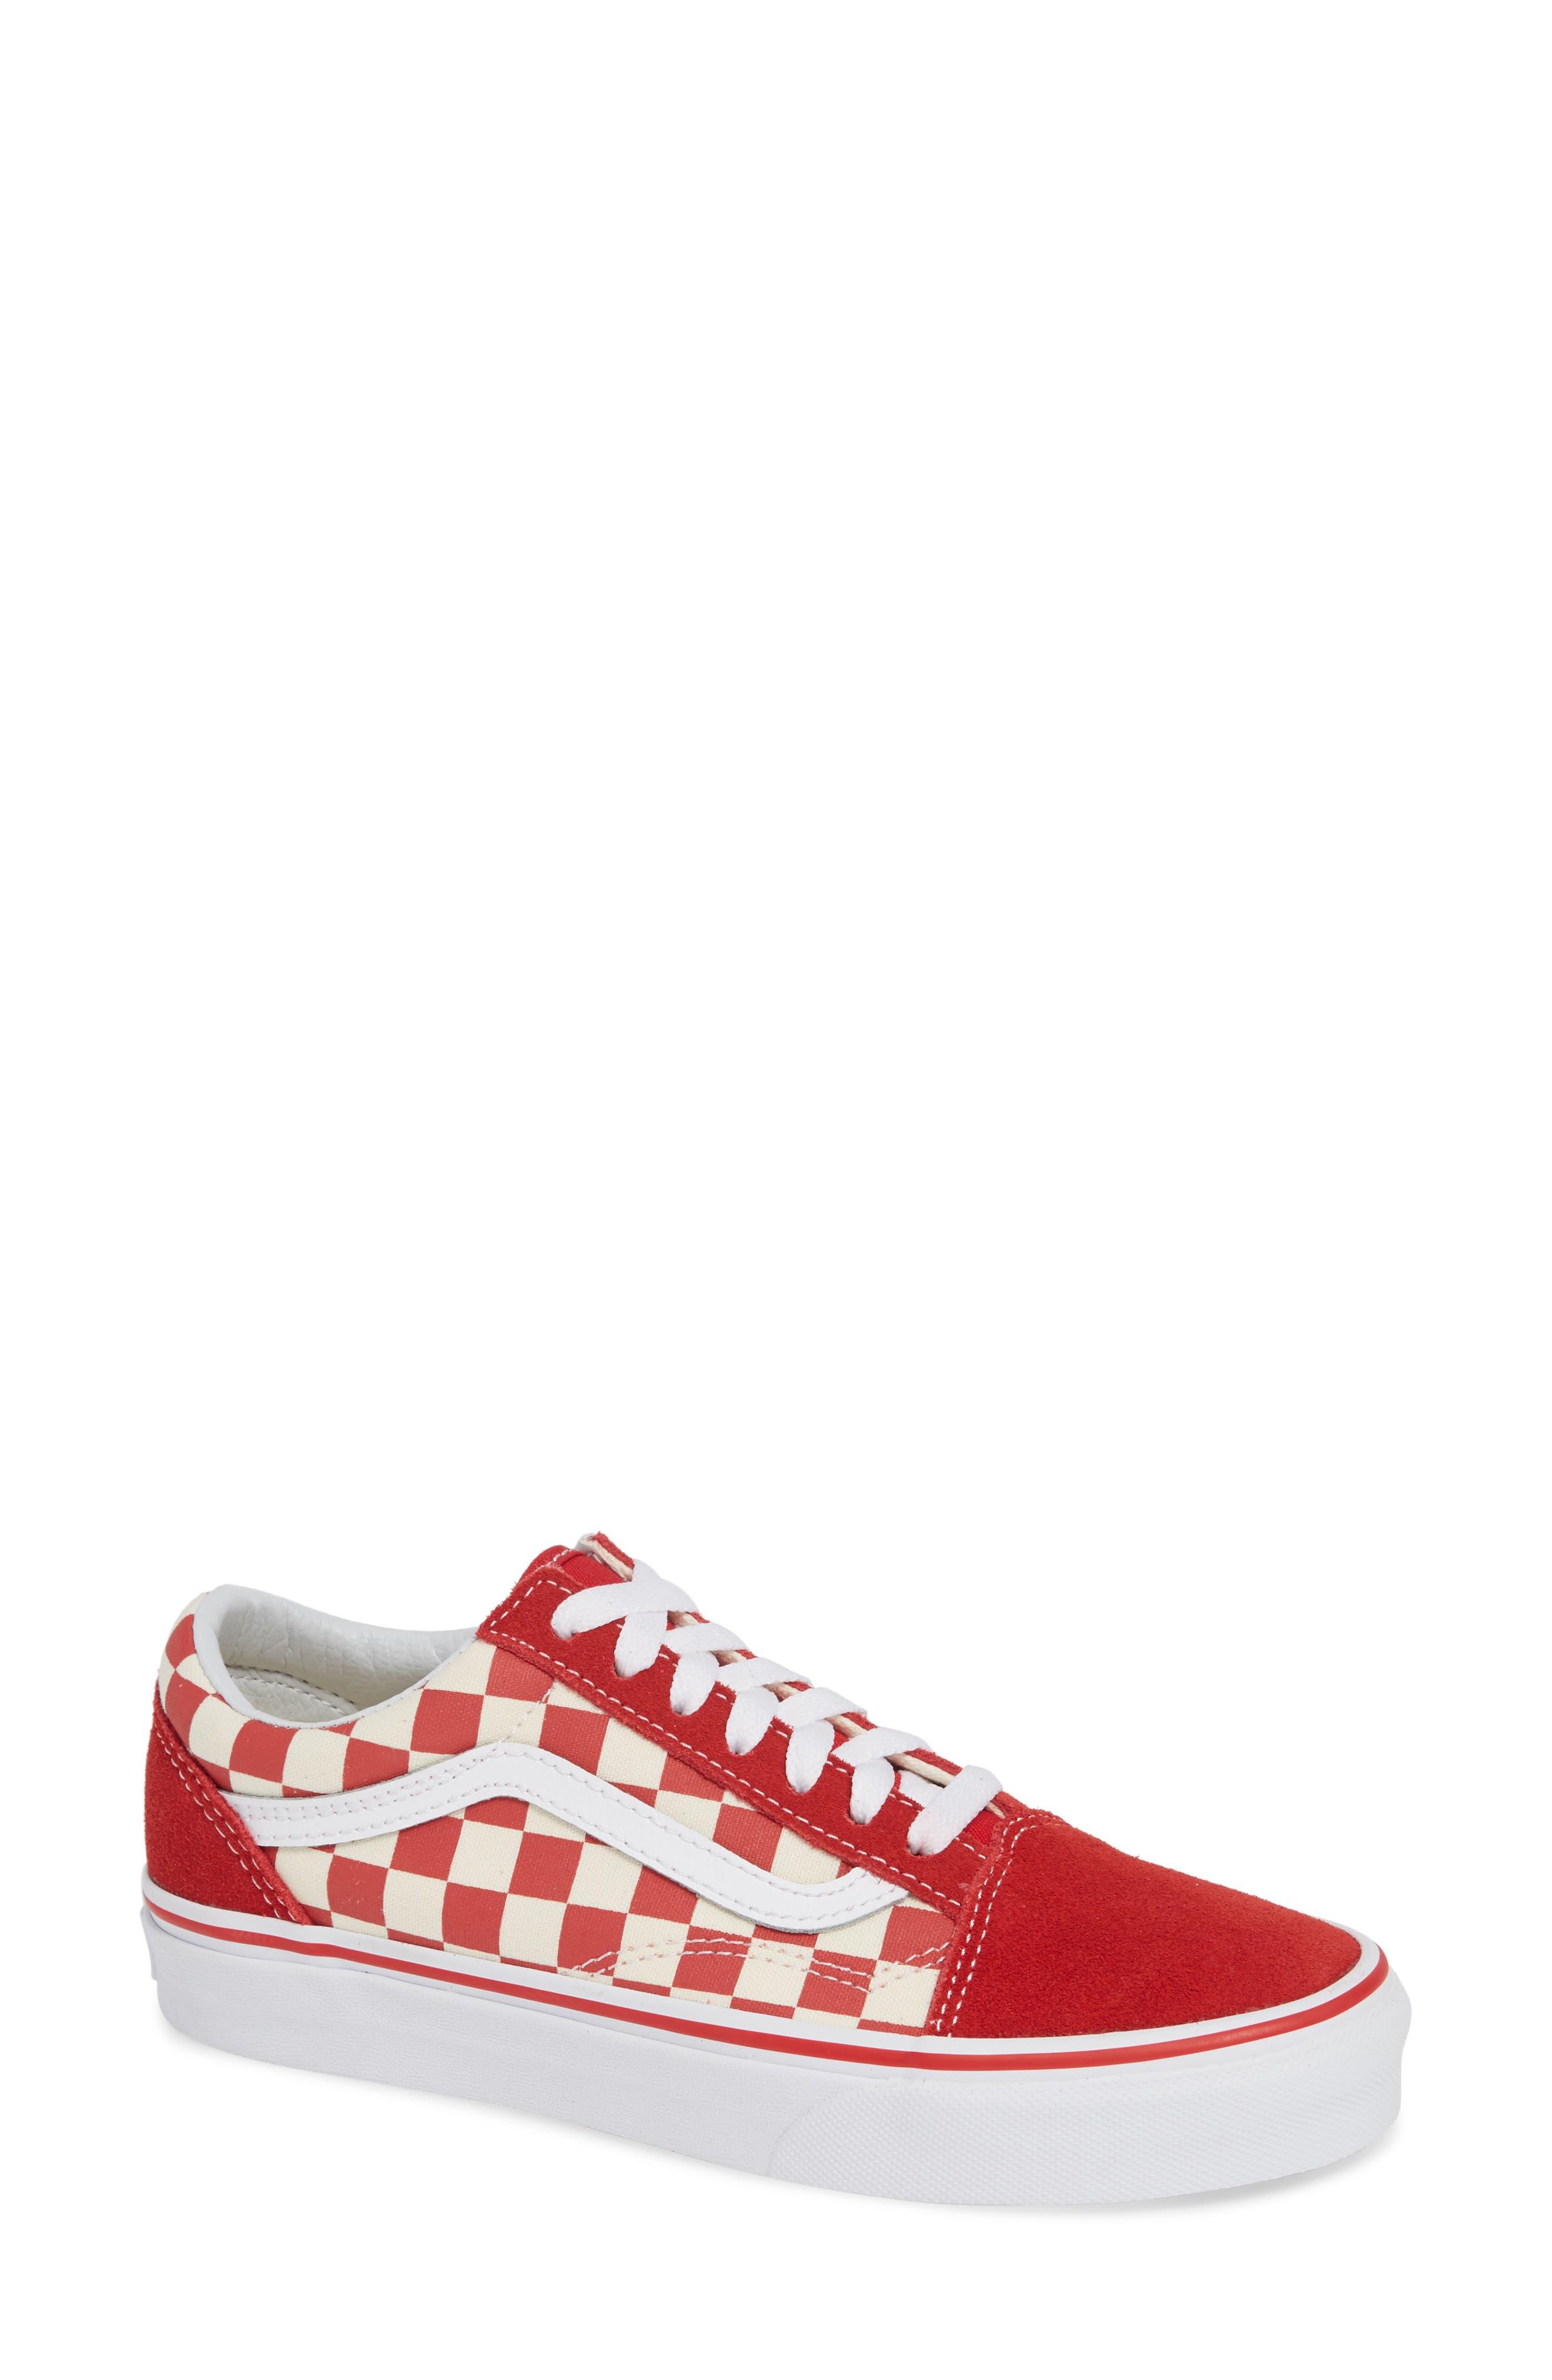 Old Skool Sneaker,                             Main thumbnail 1, color,                             610